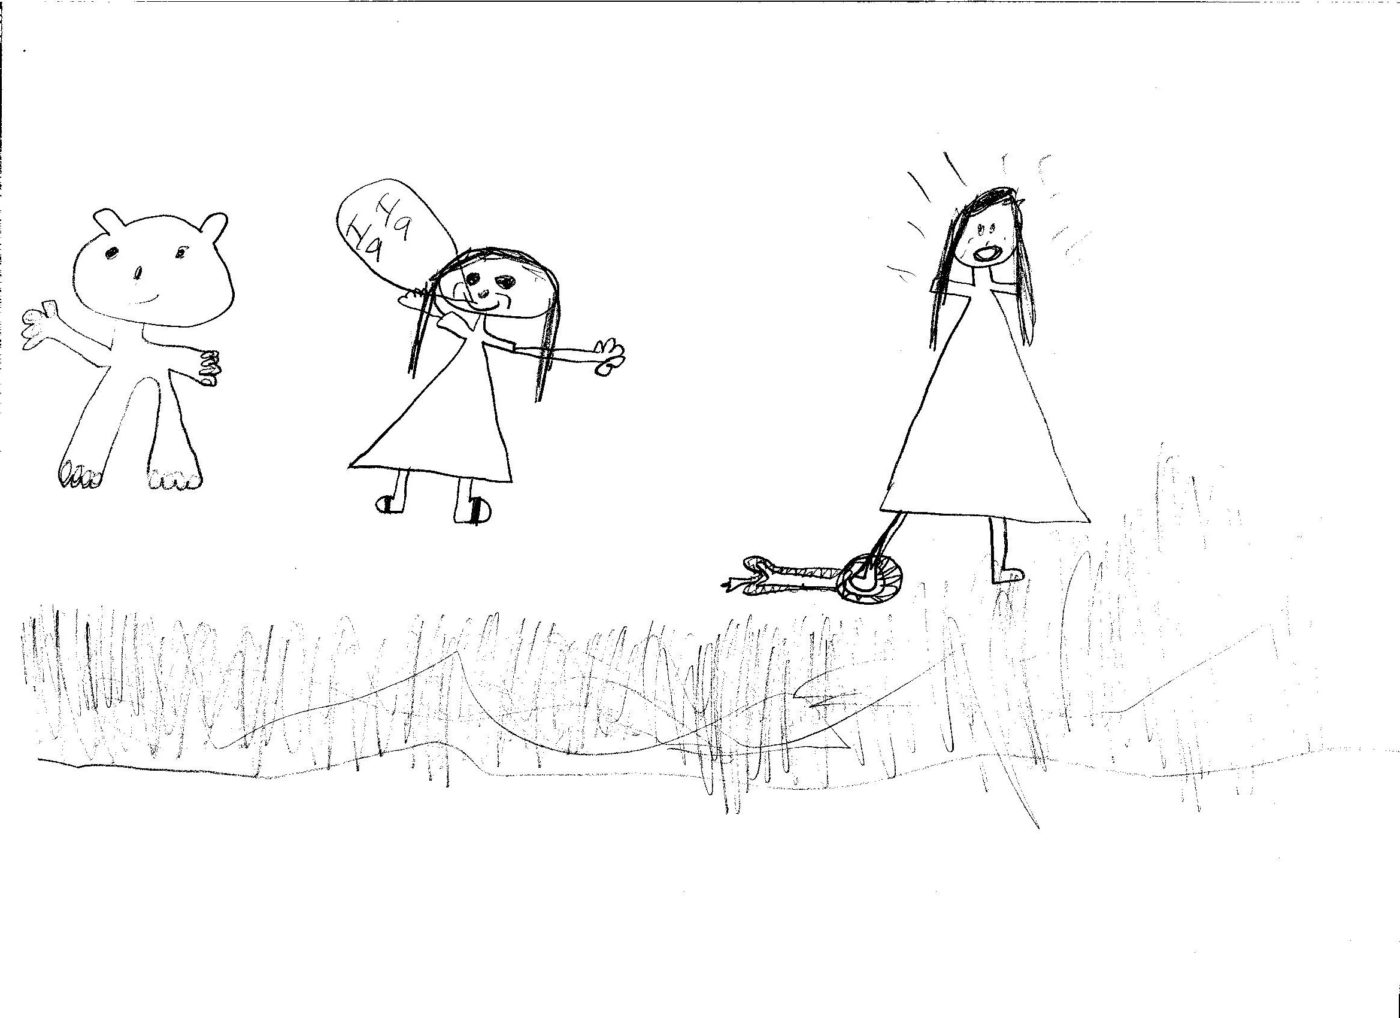 disturbing kids drawing